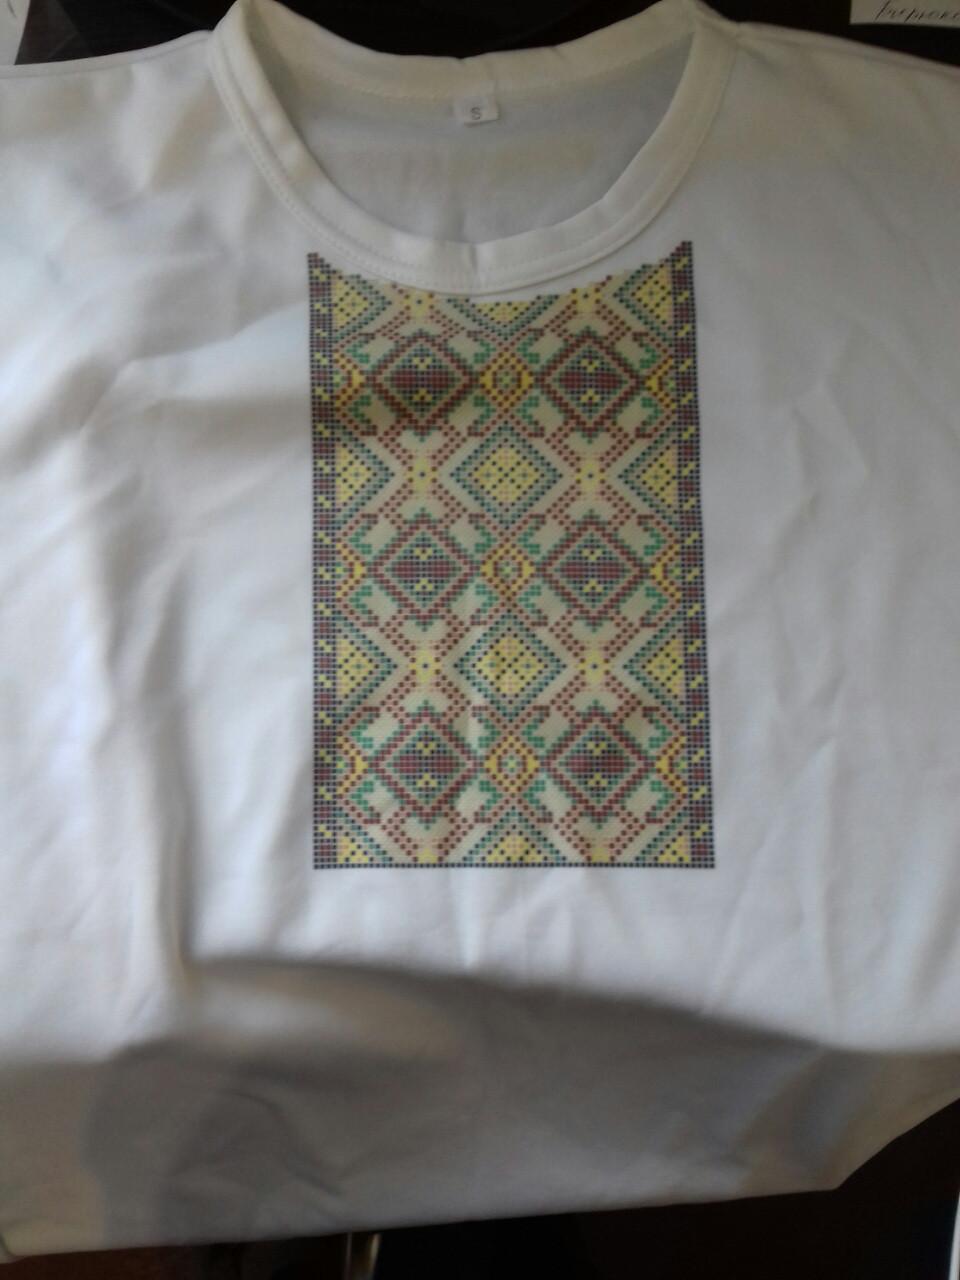 Мужская футболка для вышивки бисером. Размер S